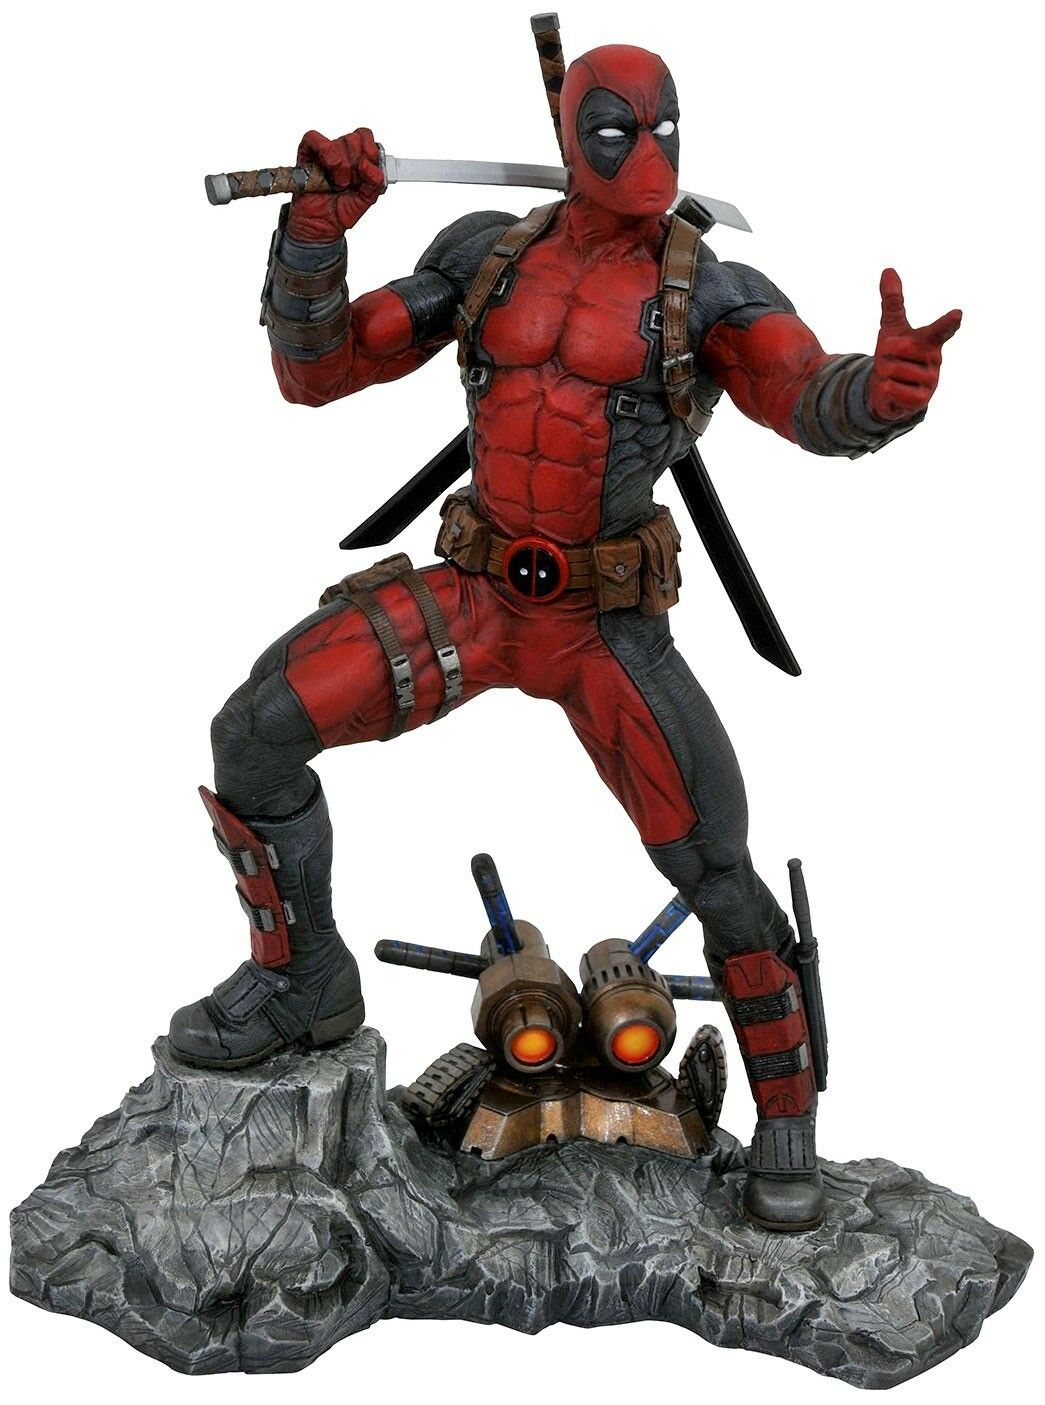 X-Men Marvel Premier Collection Deadpool 12-Inch Statue